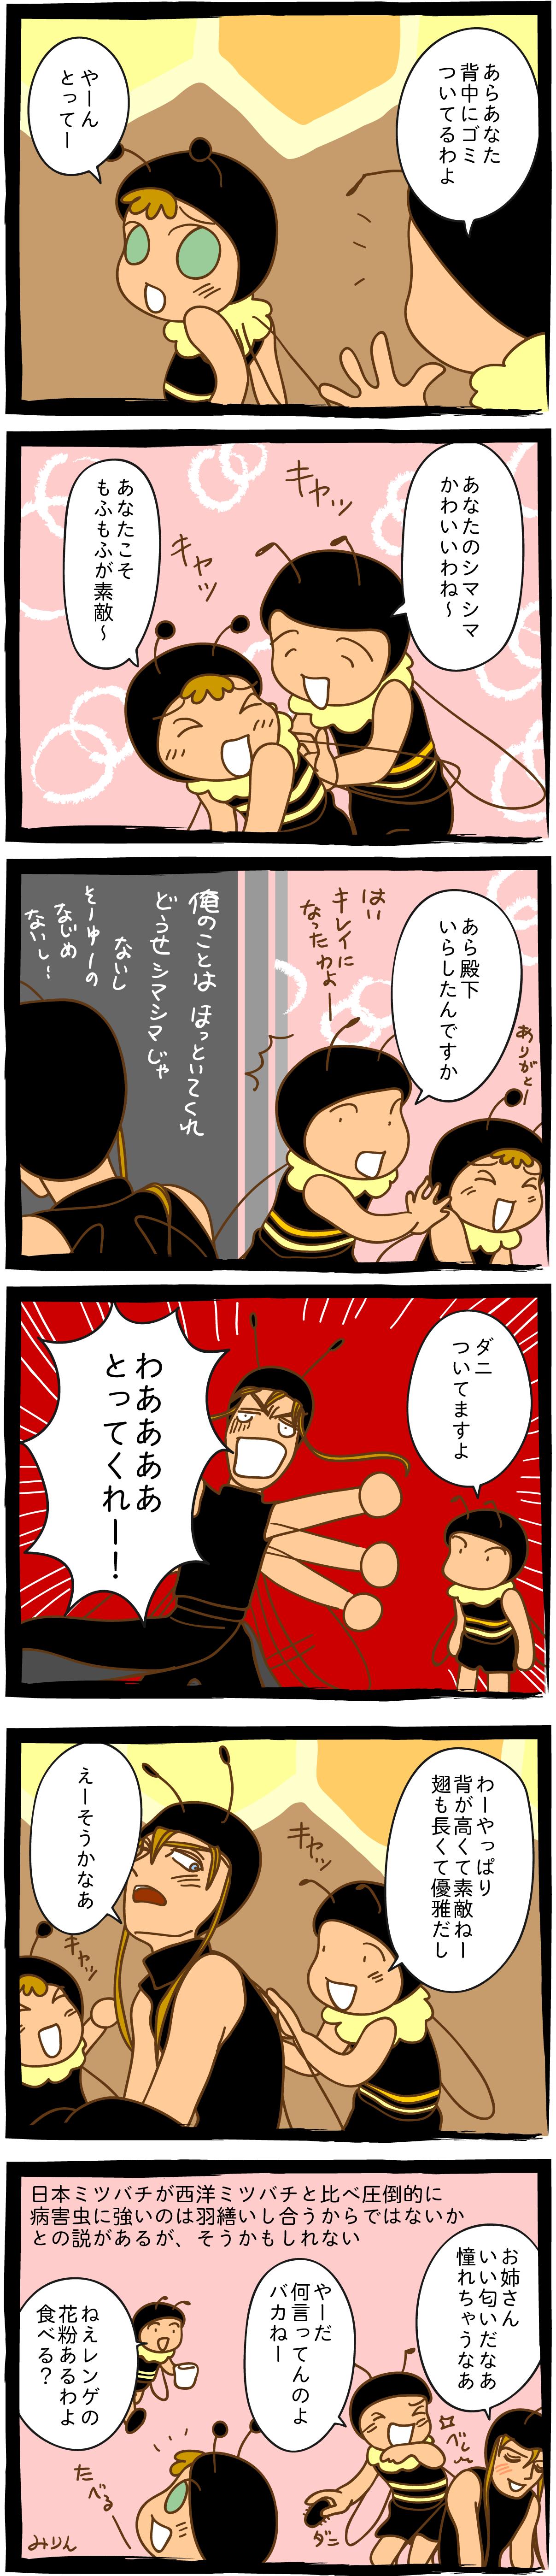 みつばち漫画みつばちさん:14. 仲良しミツバチ女子校